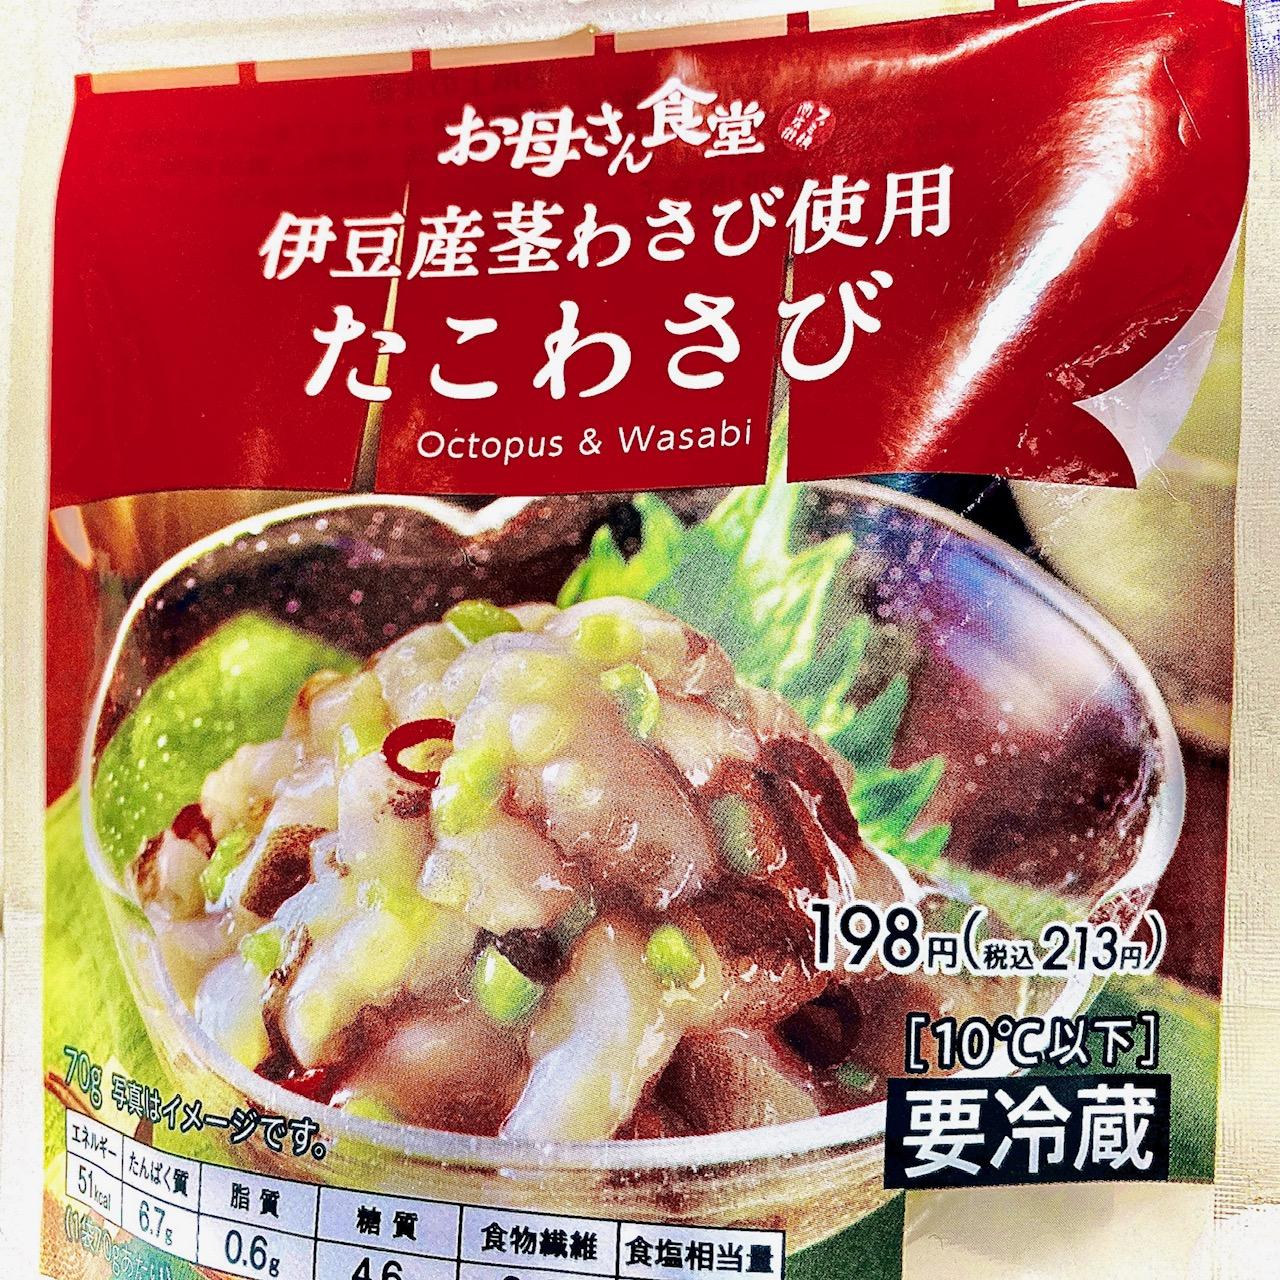 ファミリーマート「伊豆産茎わさび使用 たこわさび」